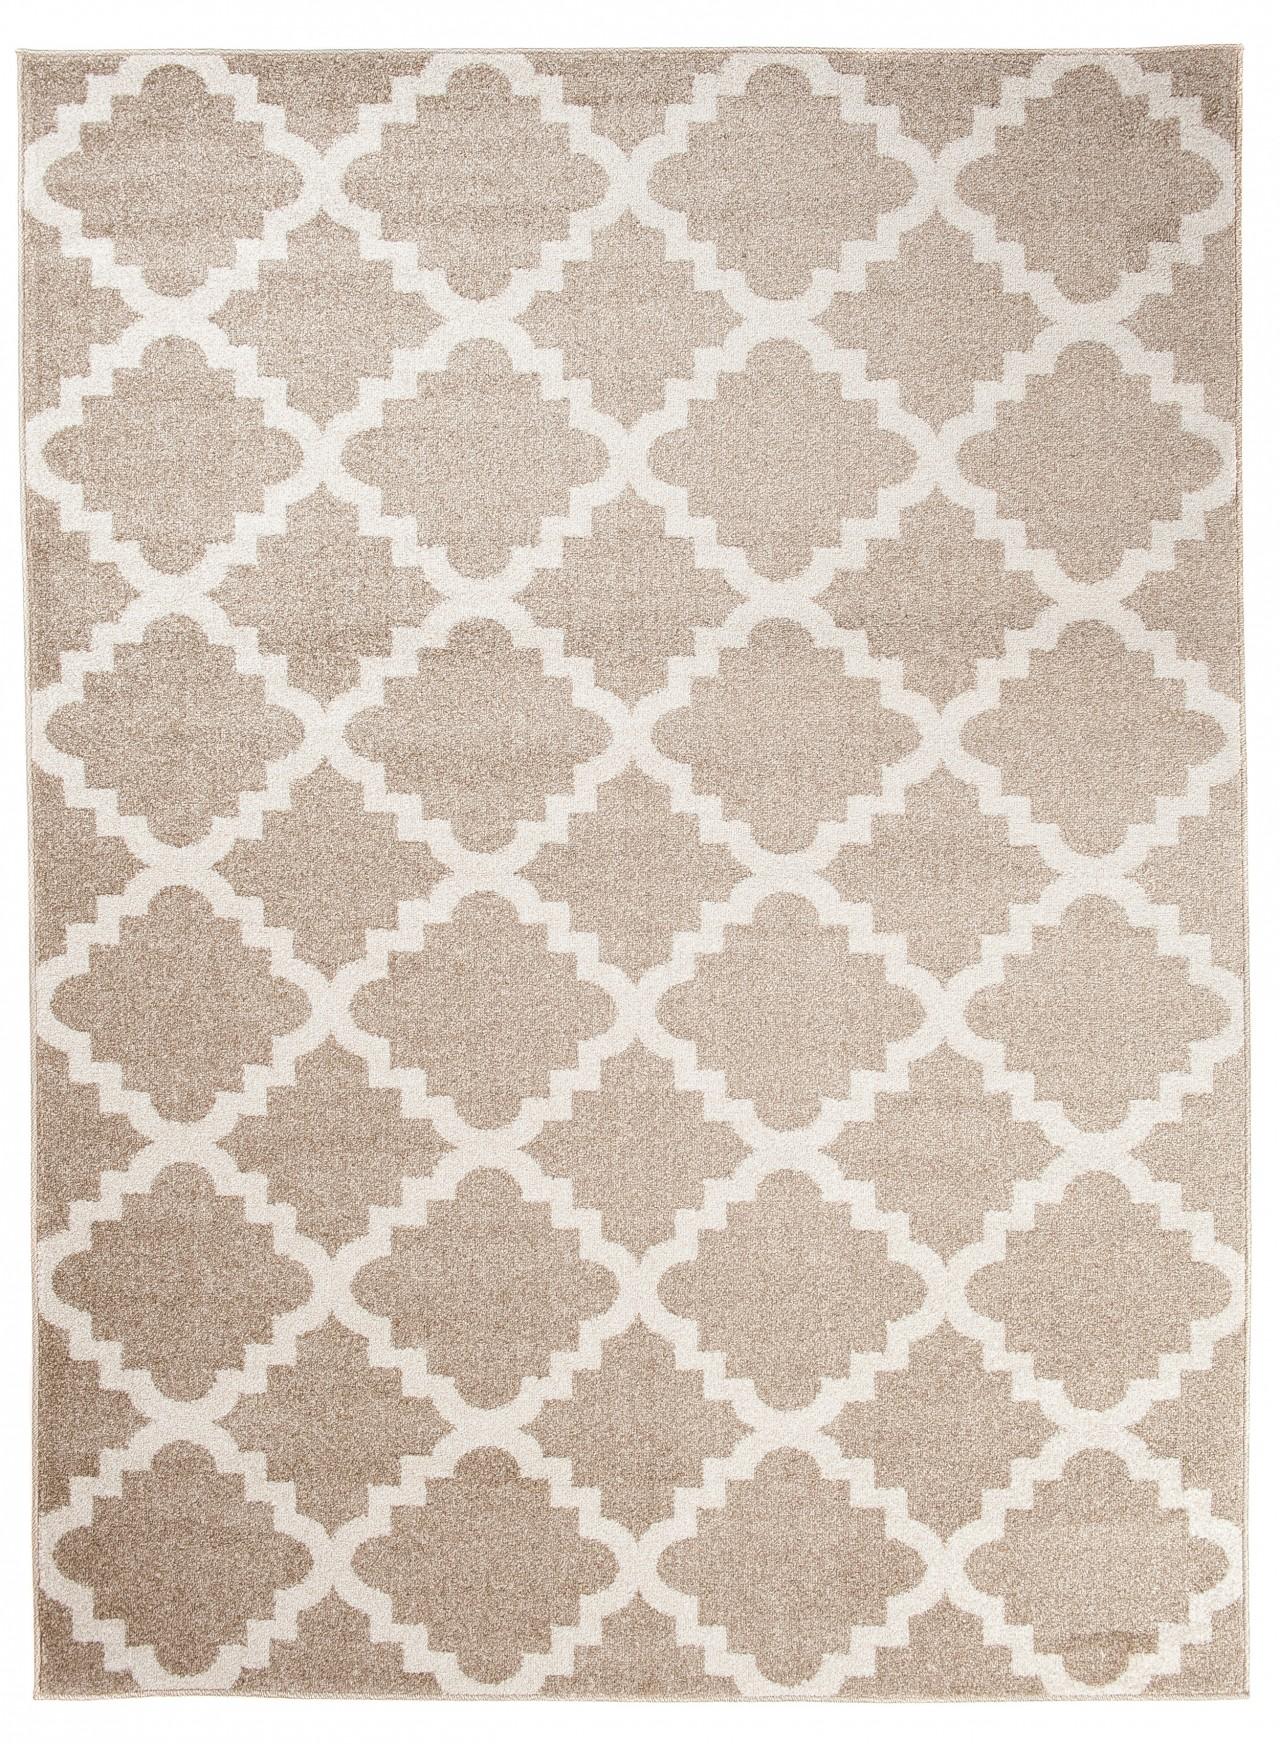 Das Bild Wird Geladen Designer Teppich Beige Marokkanisches Modern  Muster Wohnzimmer Esszimmer